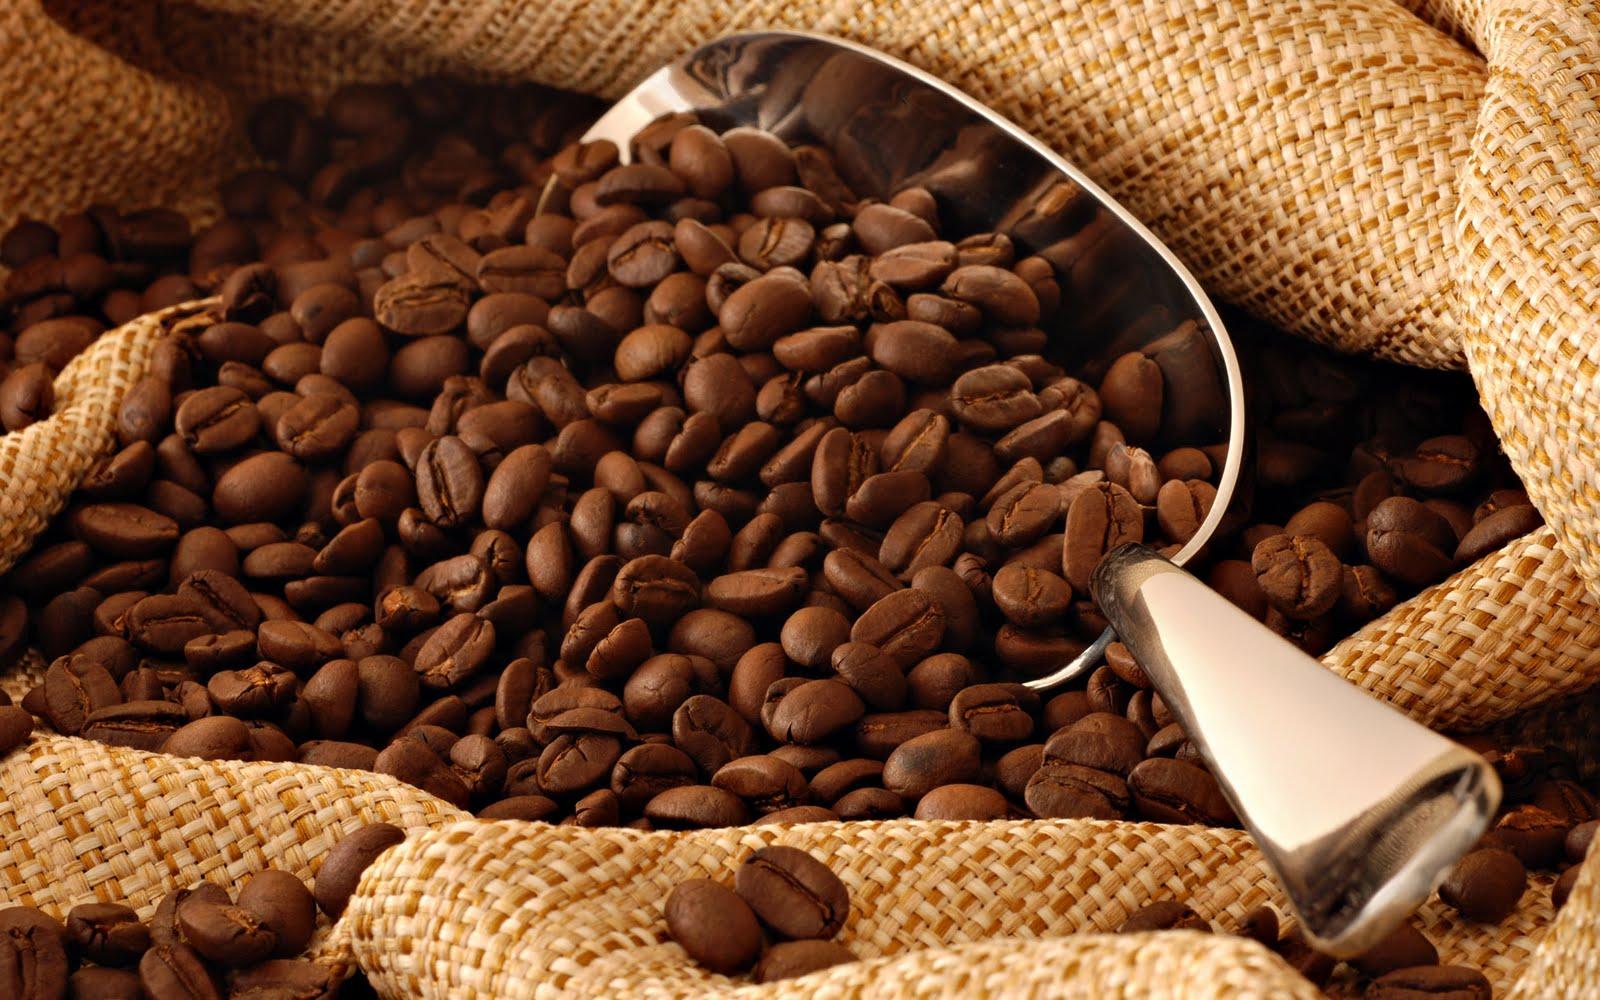 Сверка-дозаказ. Мир наслаждения для гурманов! Элитные сорта кофе, произведенные по авторской технологии, а также большой выбор чая. - 3